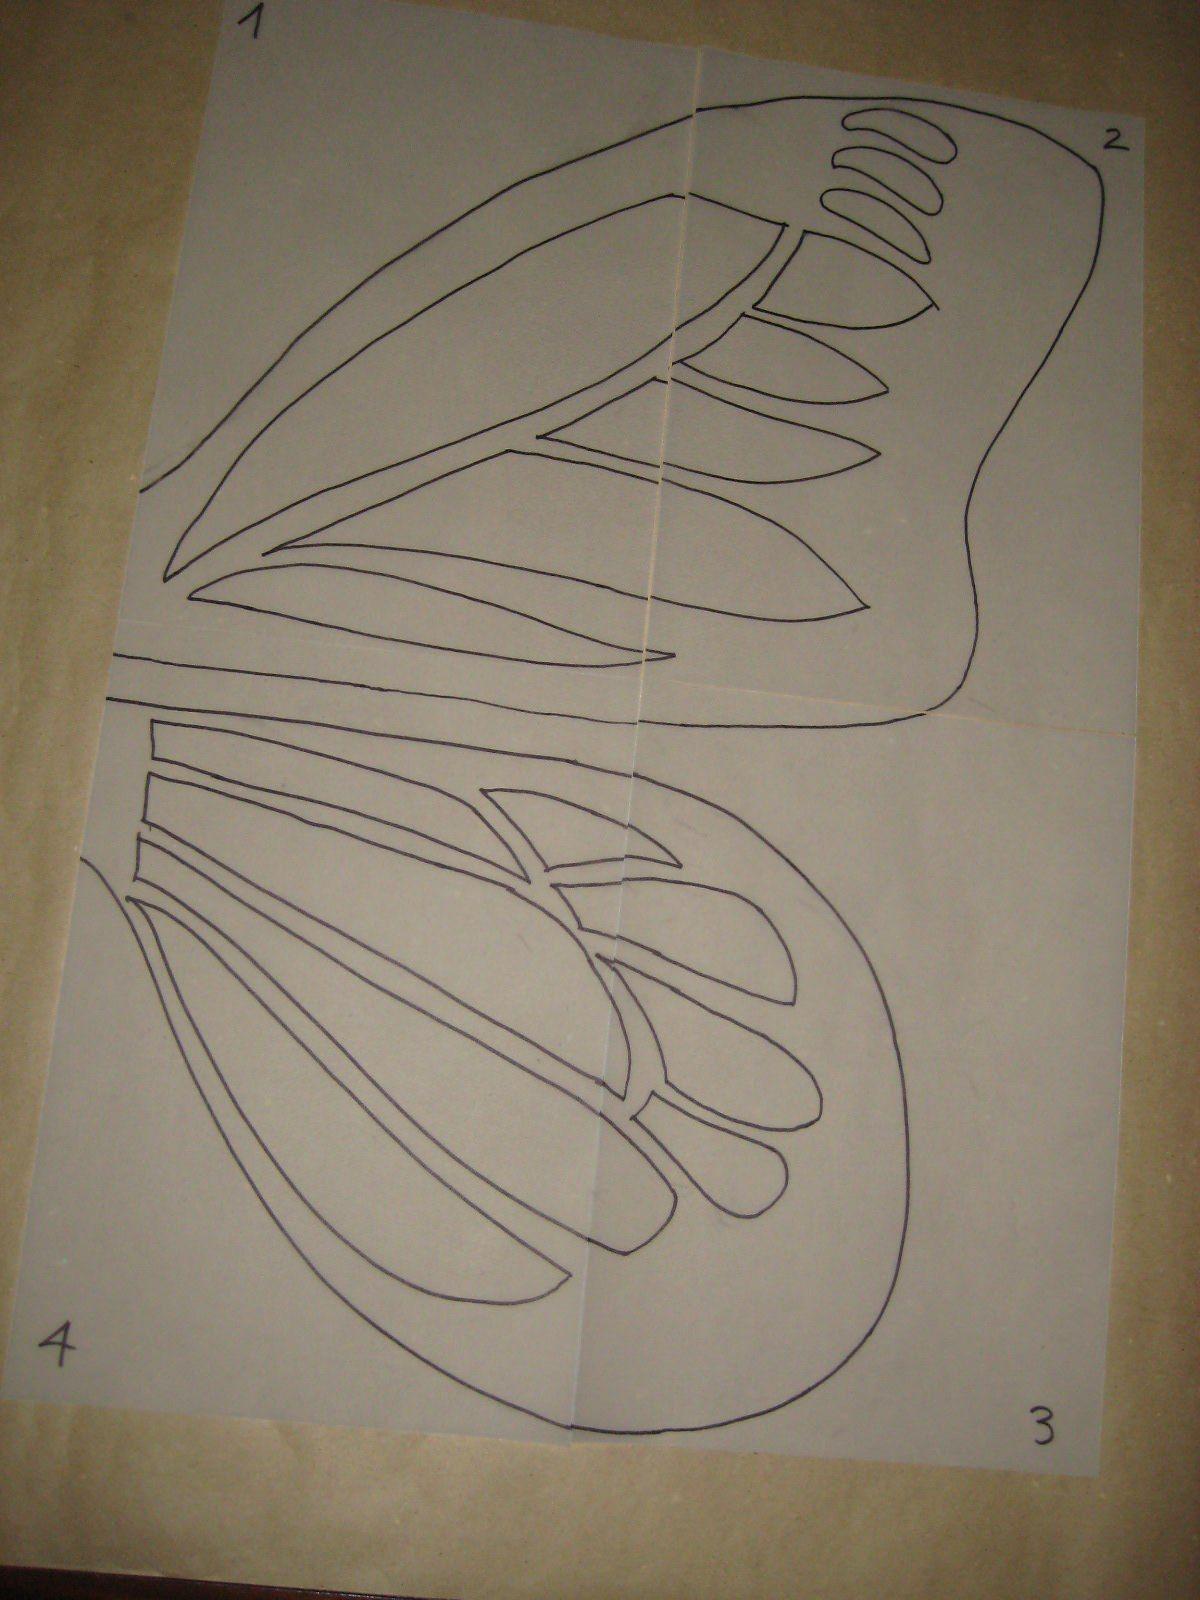 Instrucciones detalladas para hacer un disfraz de mariposa monarca